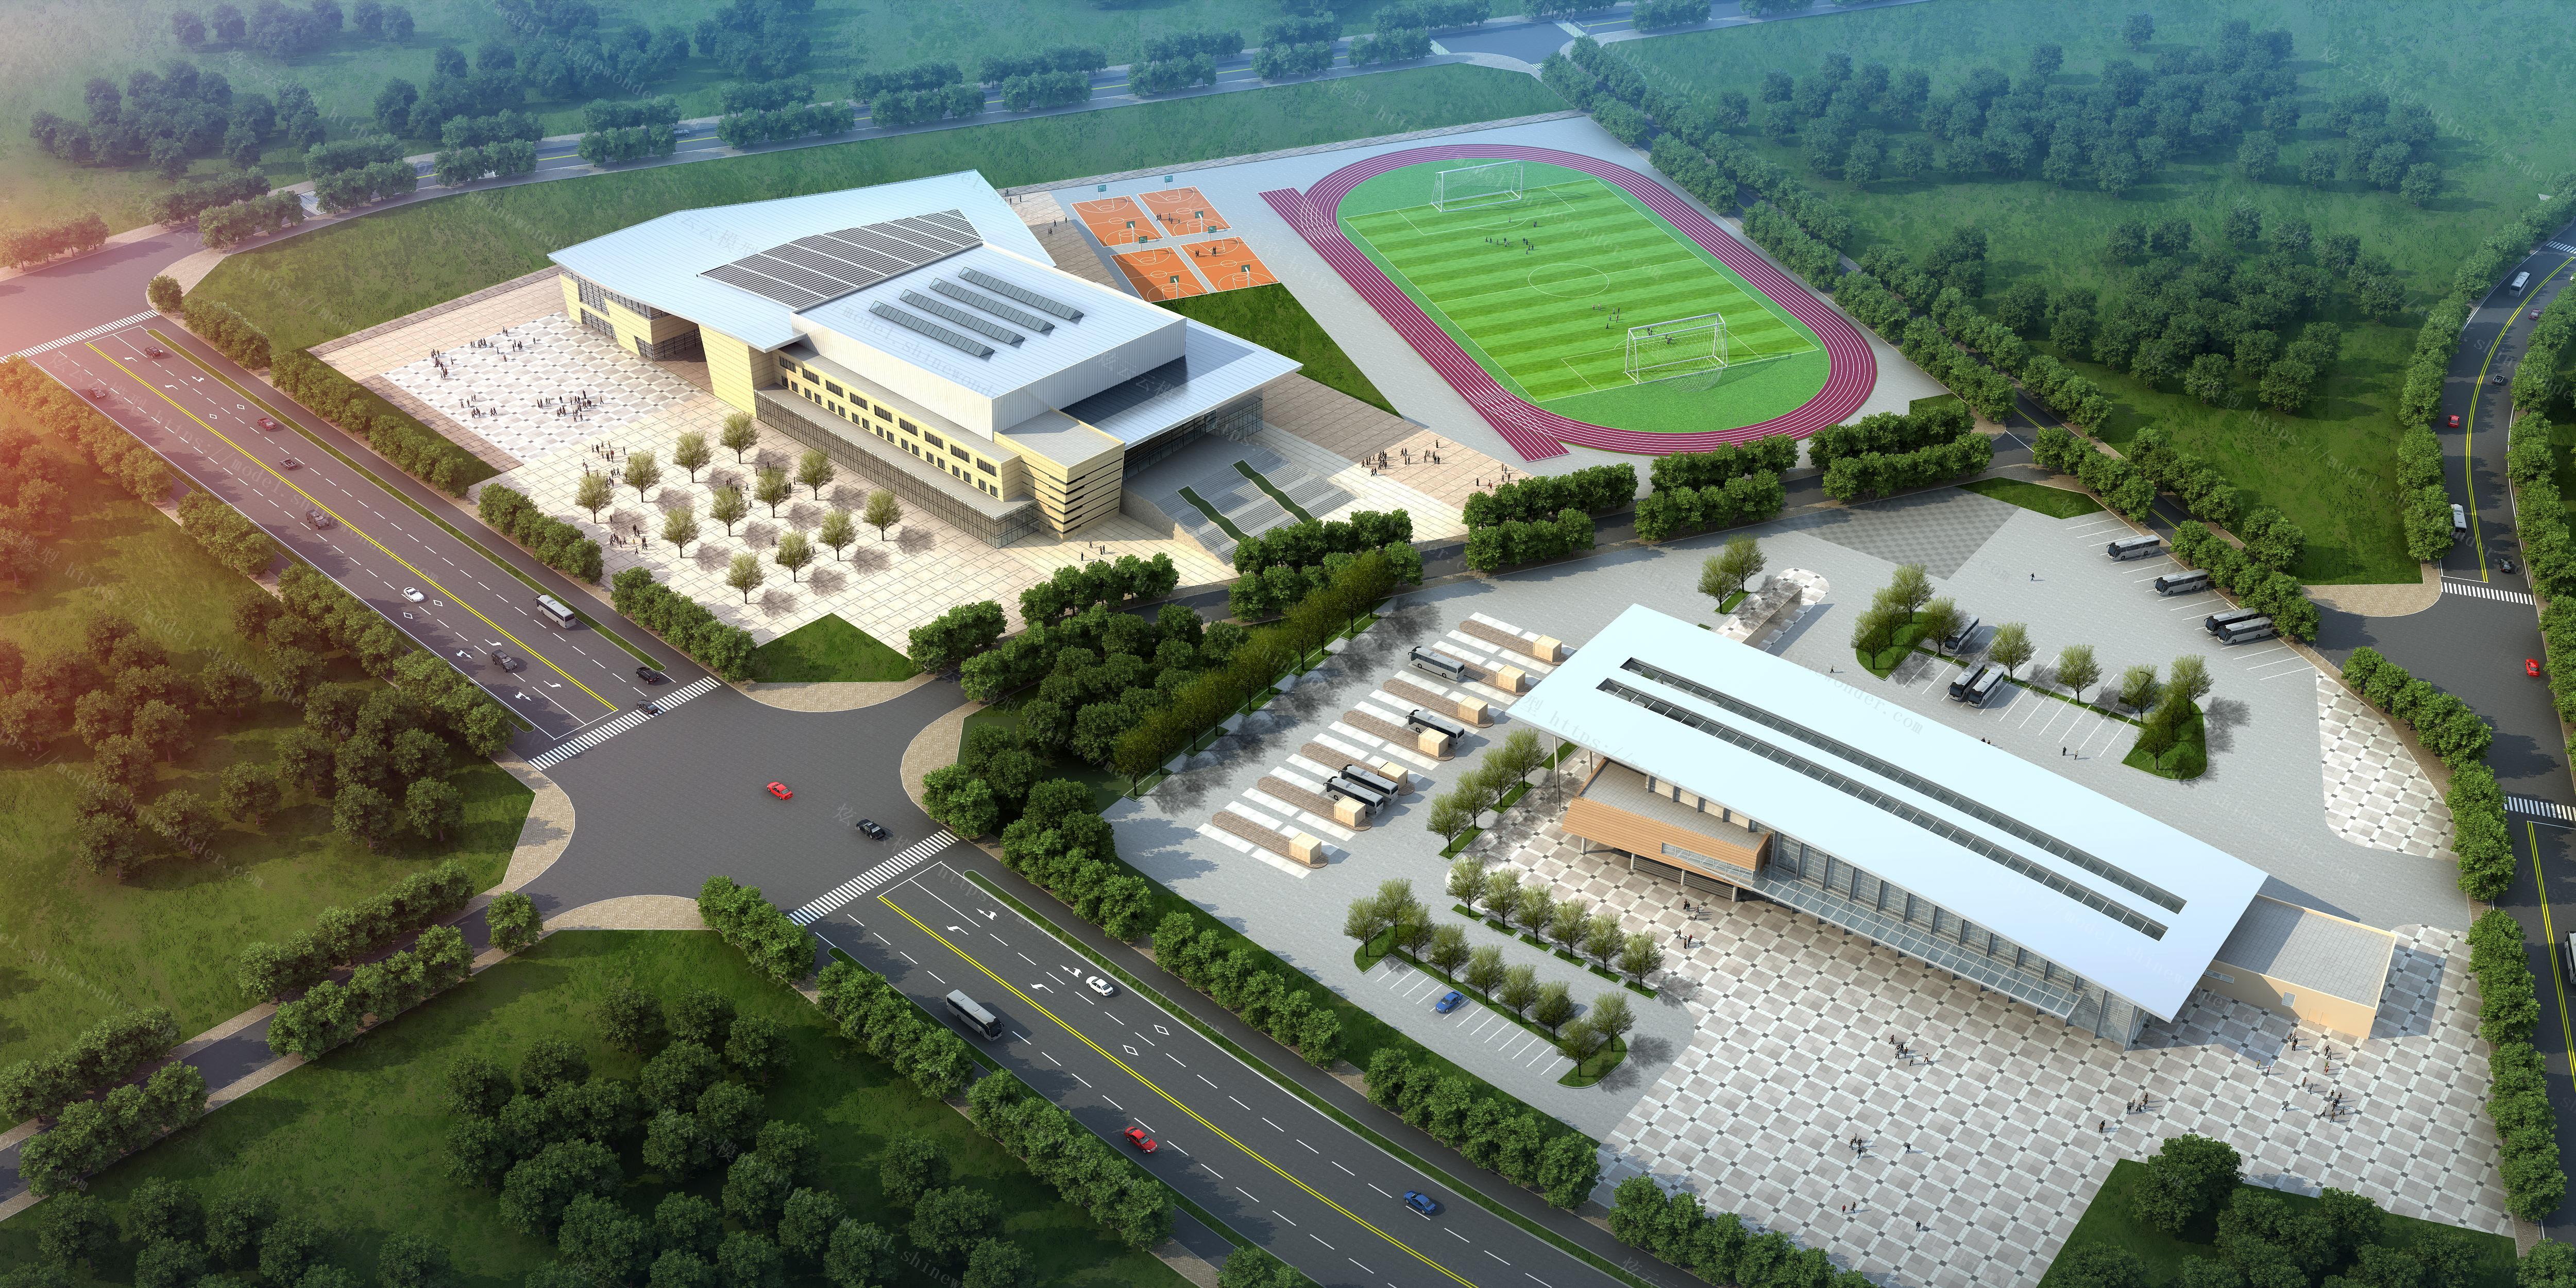 体育馆汽车站建筑外观鸟瞰模型